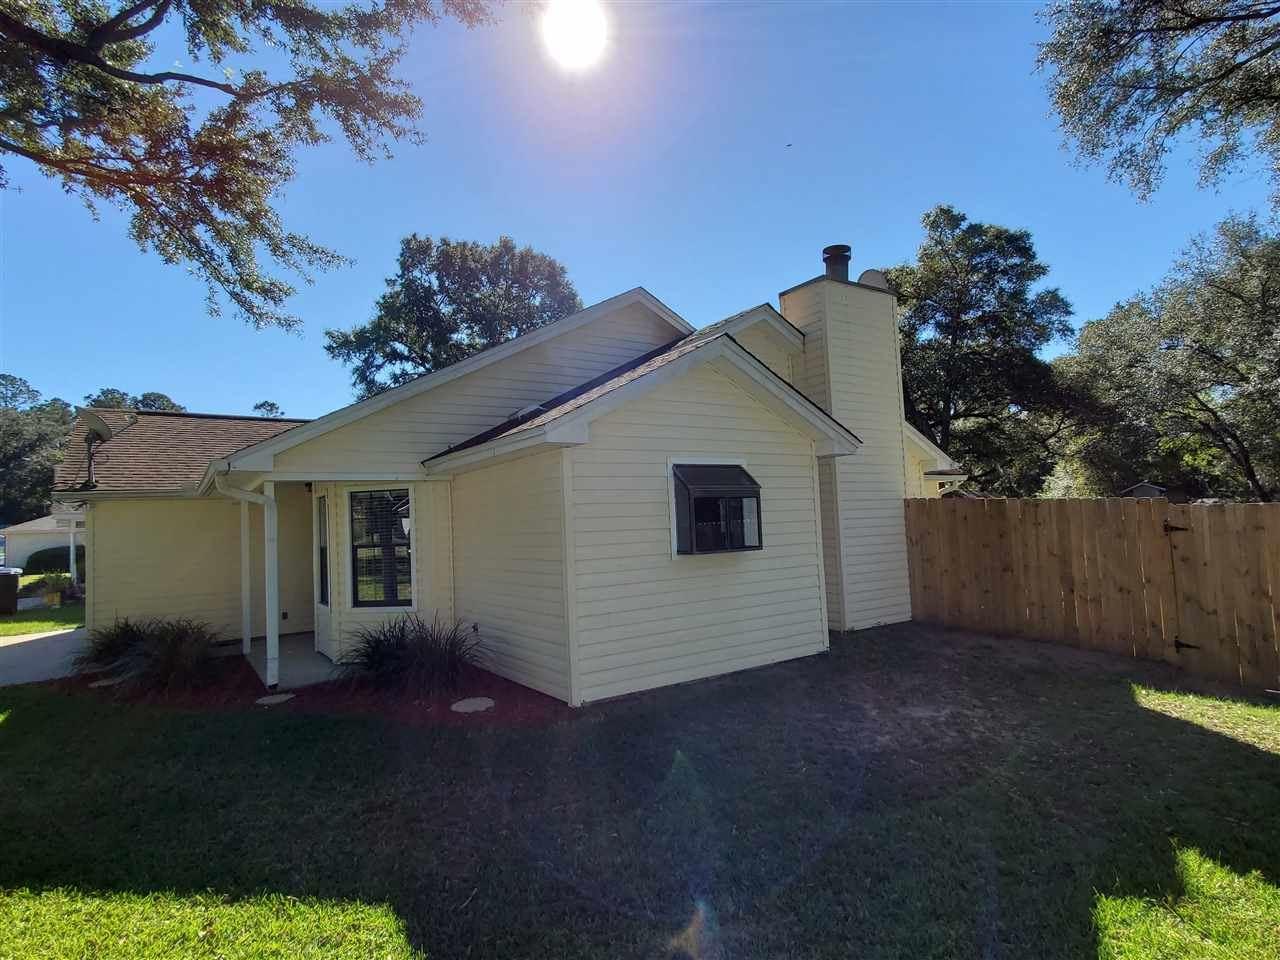 Photo of 2621 Crocket Ct, TALLAHASSEE, FL 32303 (MLS # 325804)